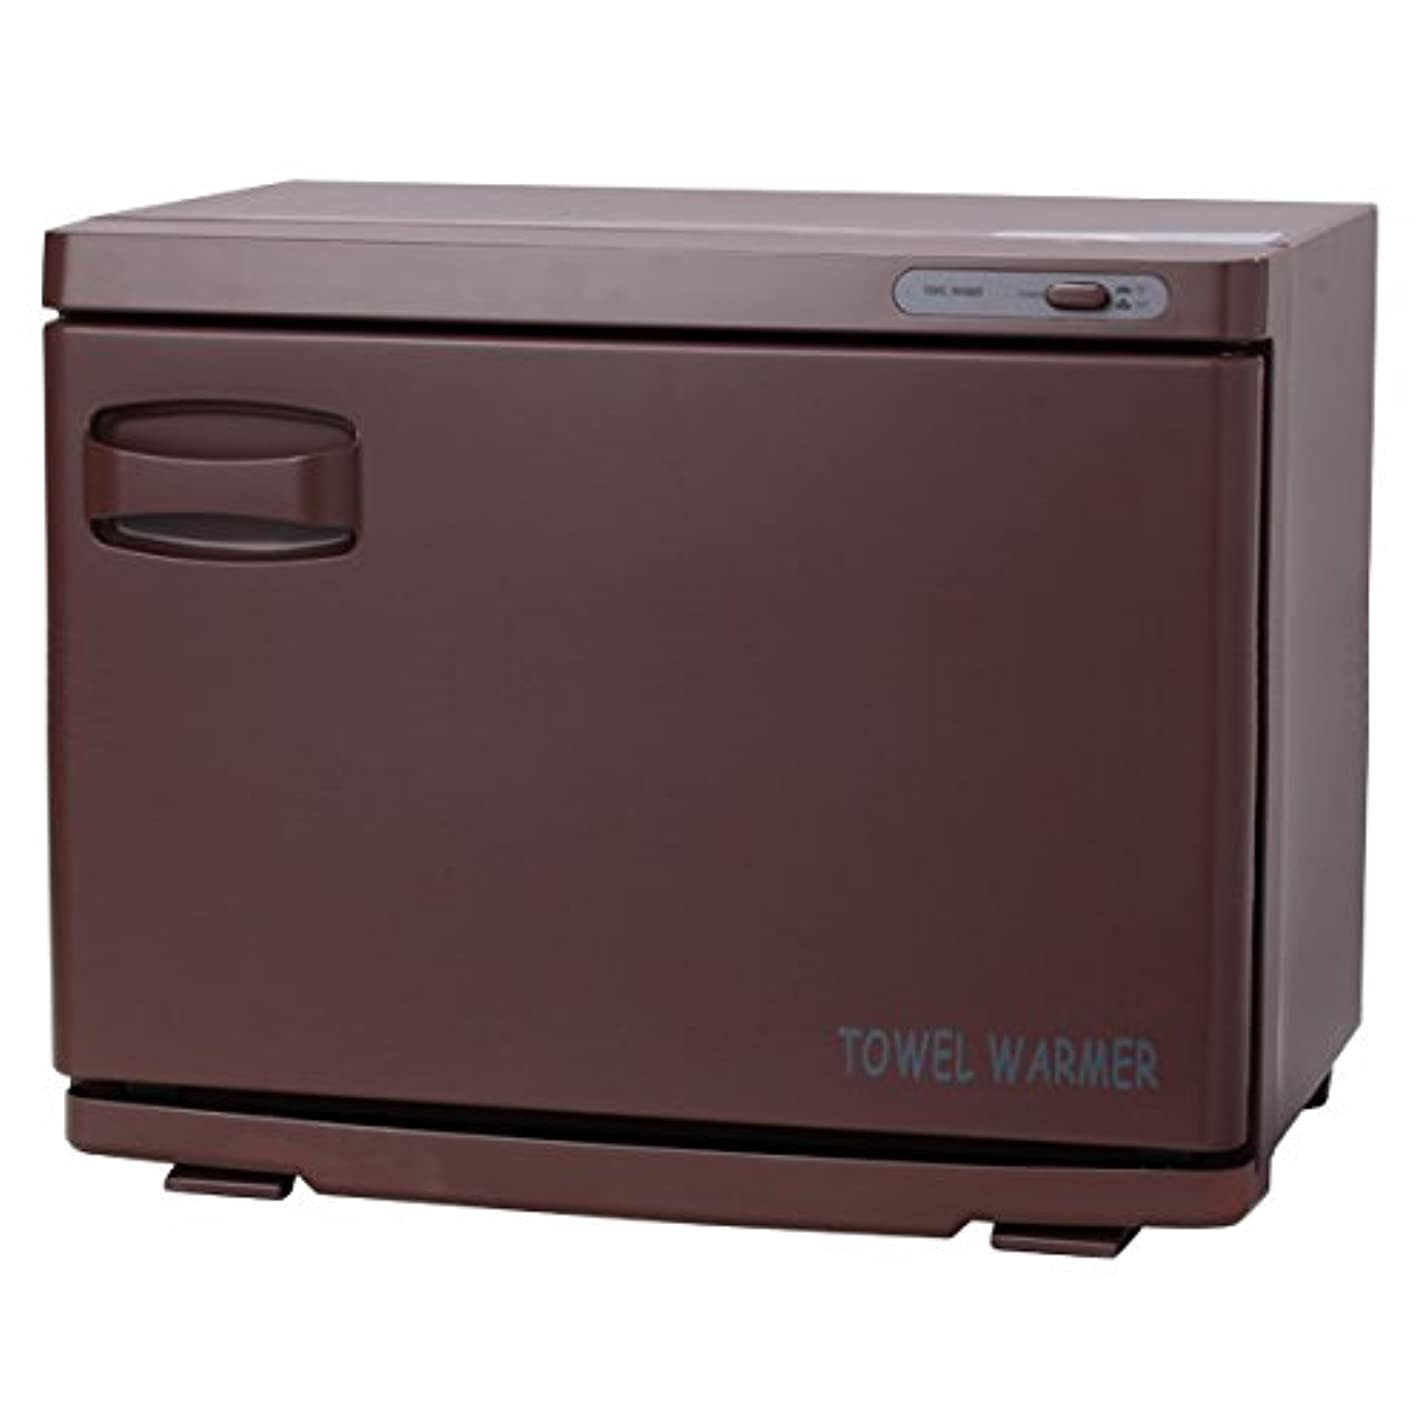 散逸色ドラフトタオルウォーマー ブラウン ( 前開き ) 18L 業務用 タオル蒸し器 おしぼり蒸し器 保温器